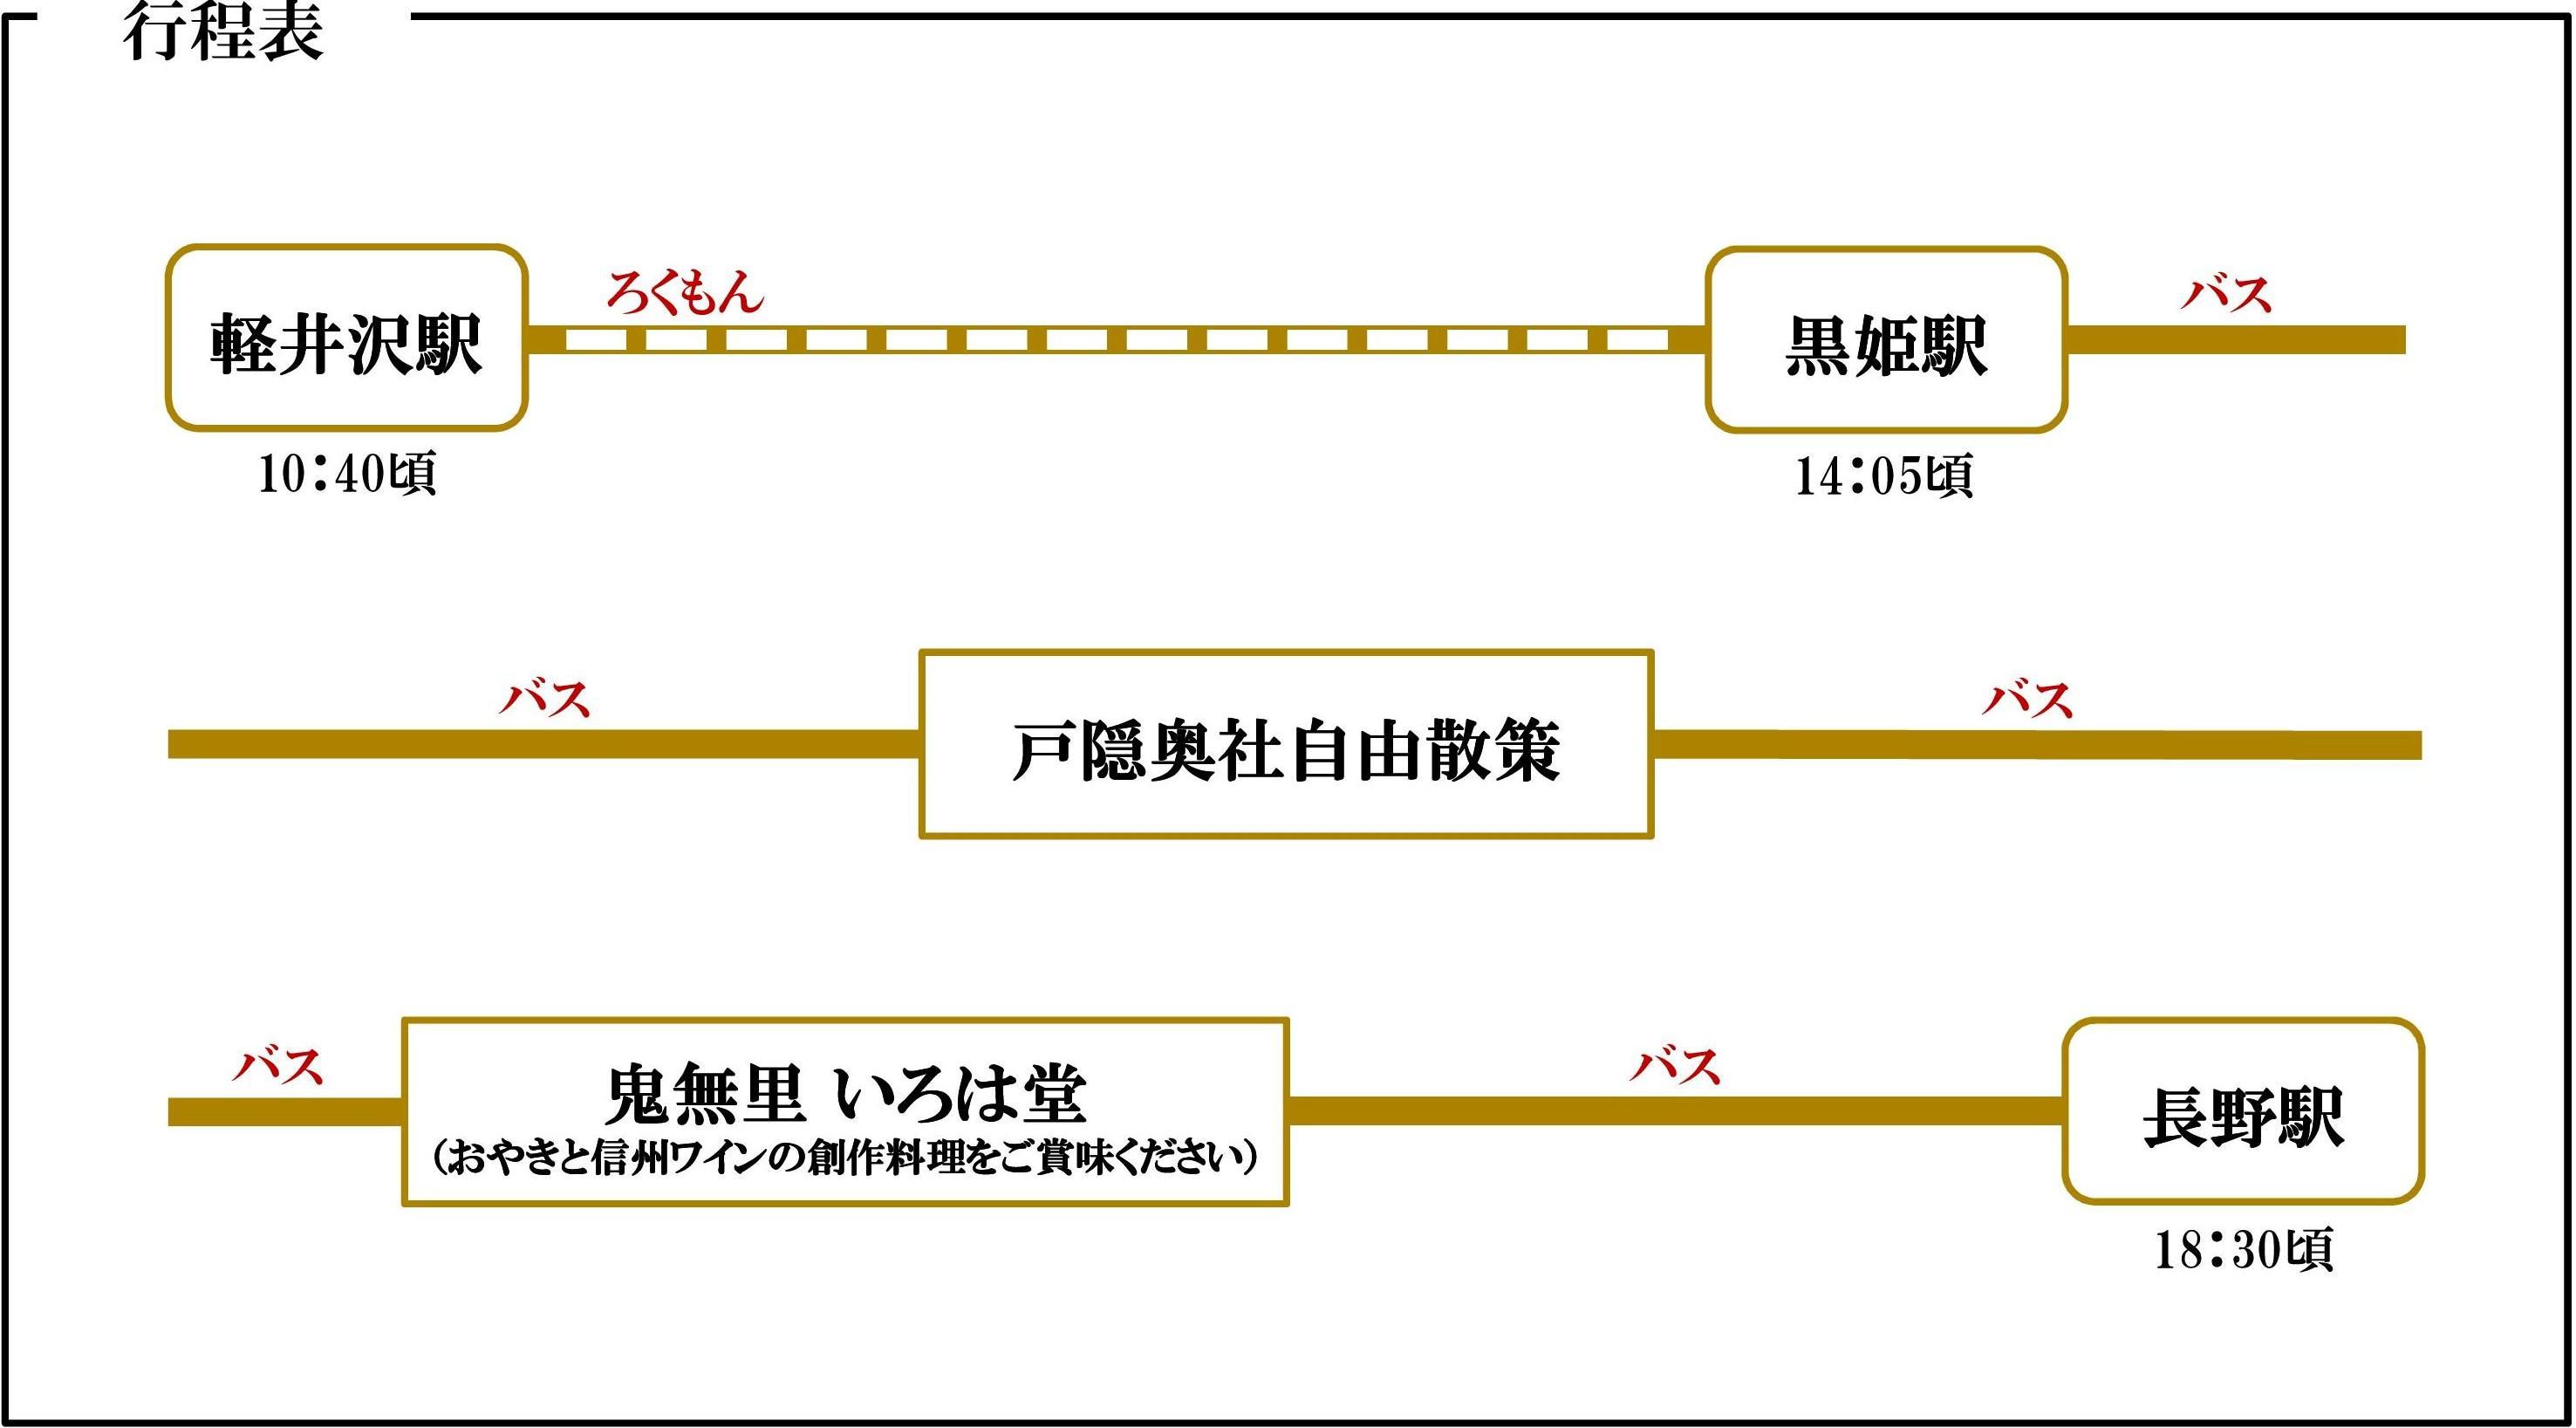 20170519_cruisetrain_koutei_4.jpg